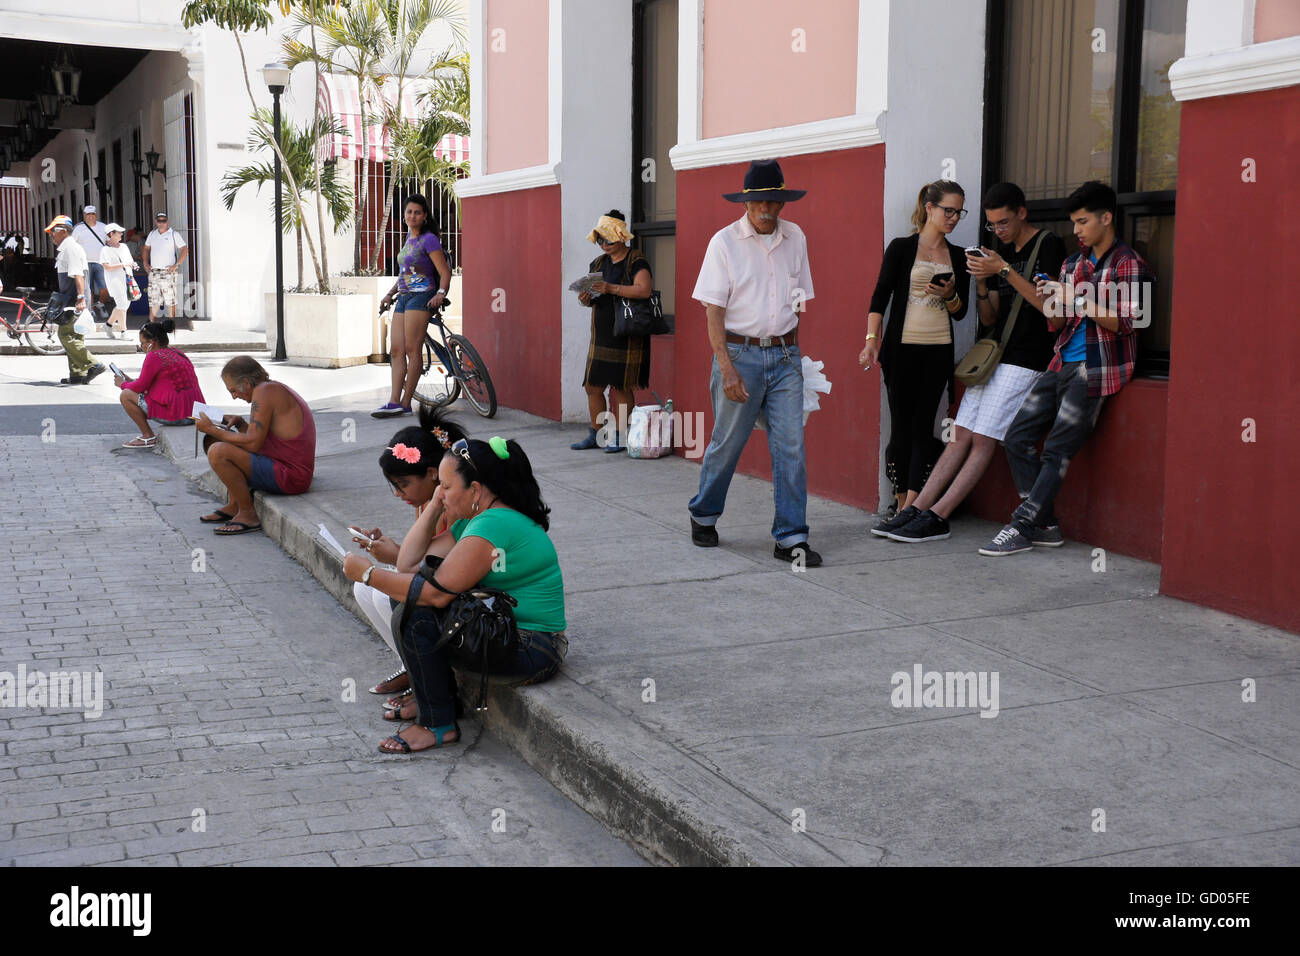 La gente recogiendo la señal Wi-Fi en teléfonos móviles, calle peatonal cerca de la Plaza de Armas, Imagen De Stock